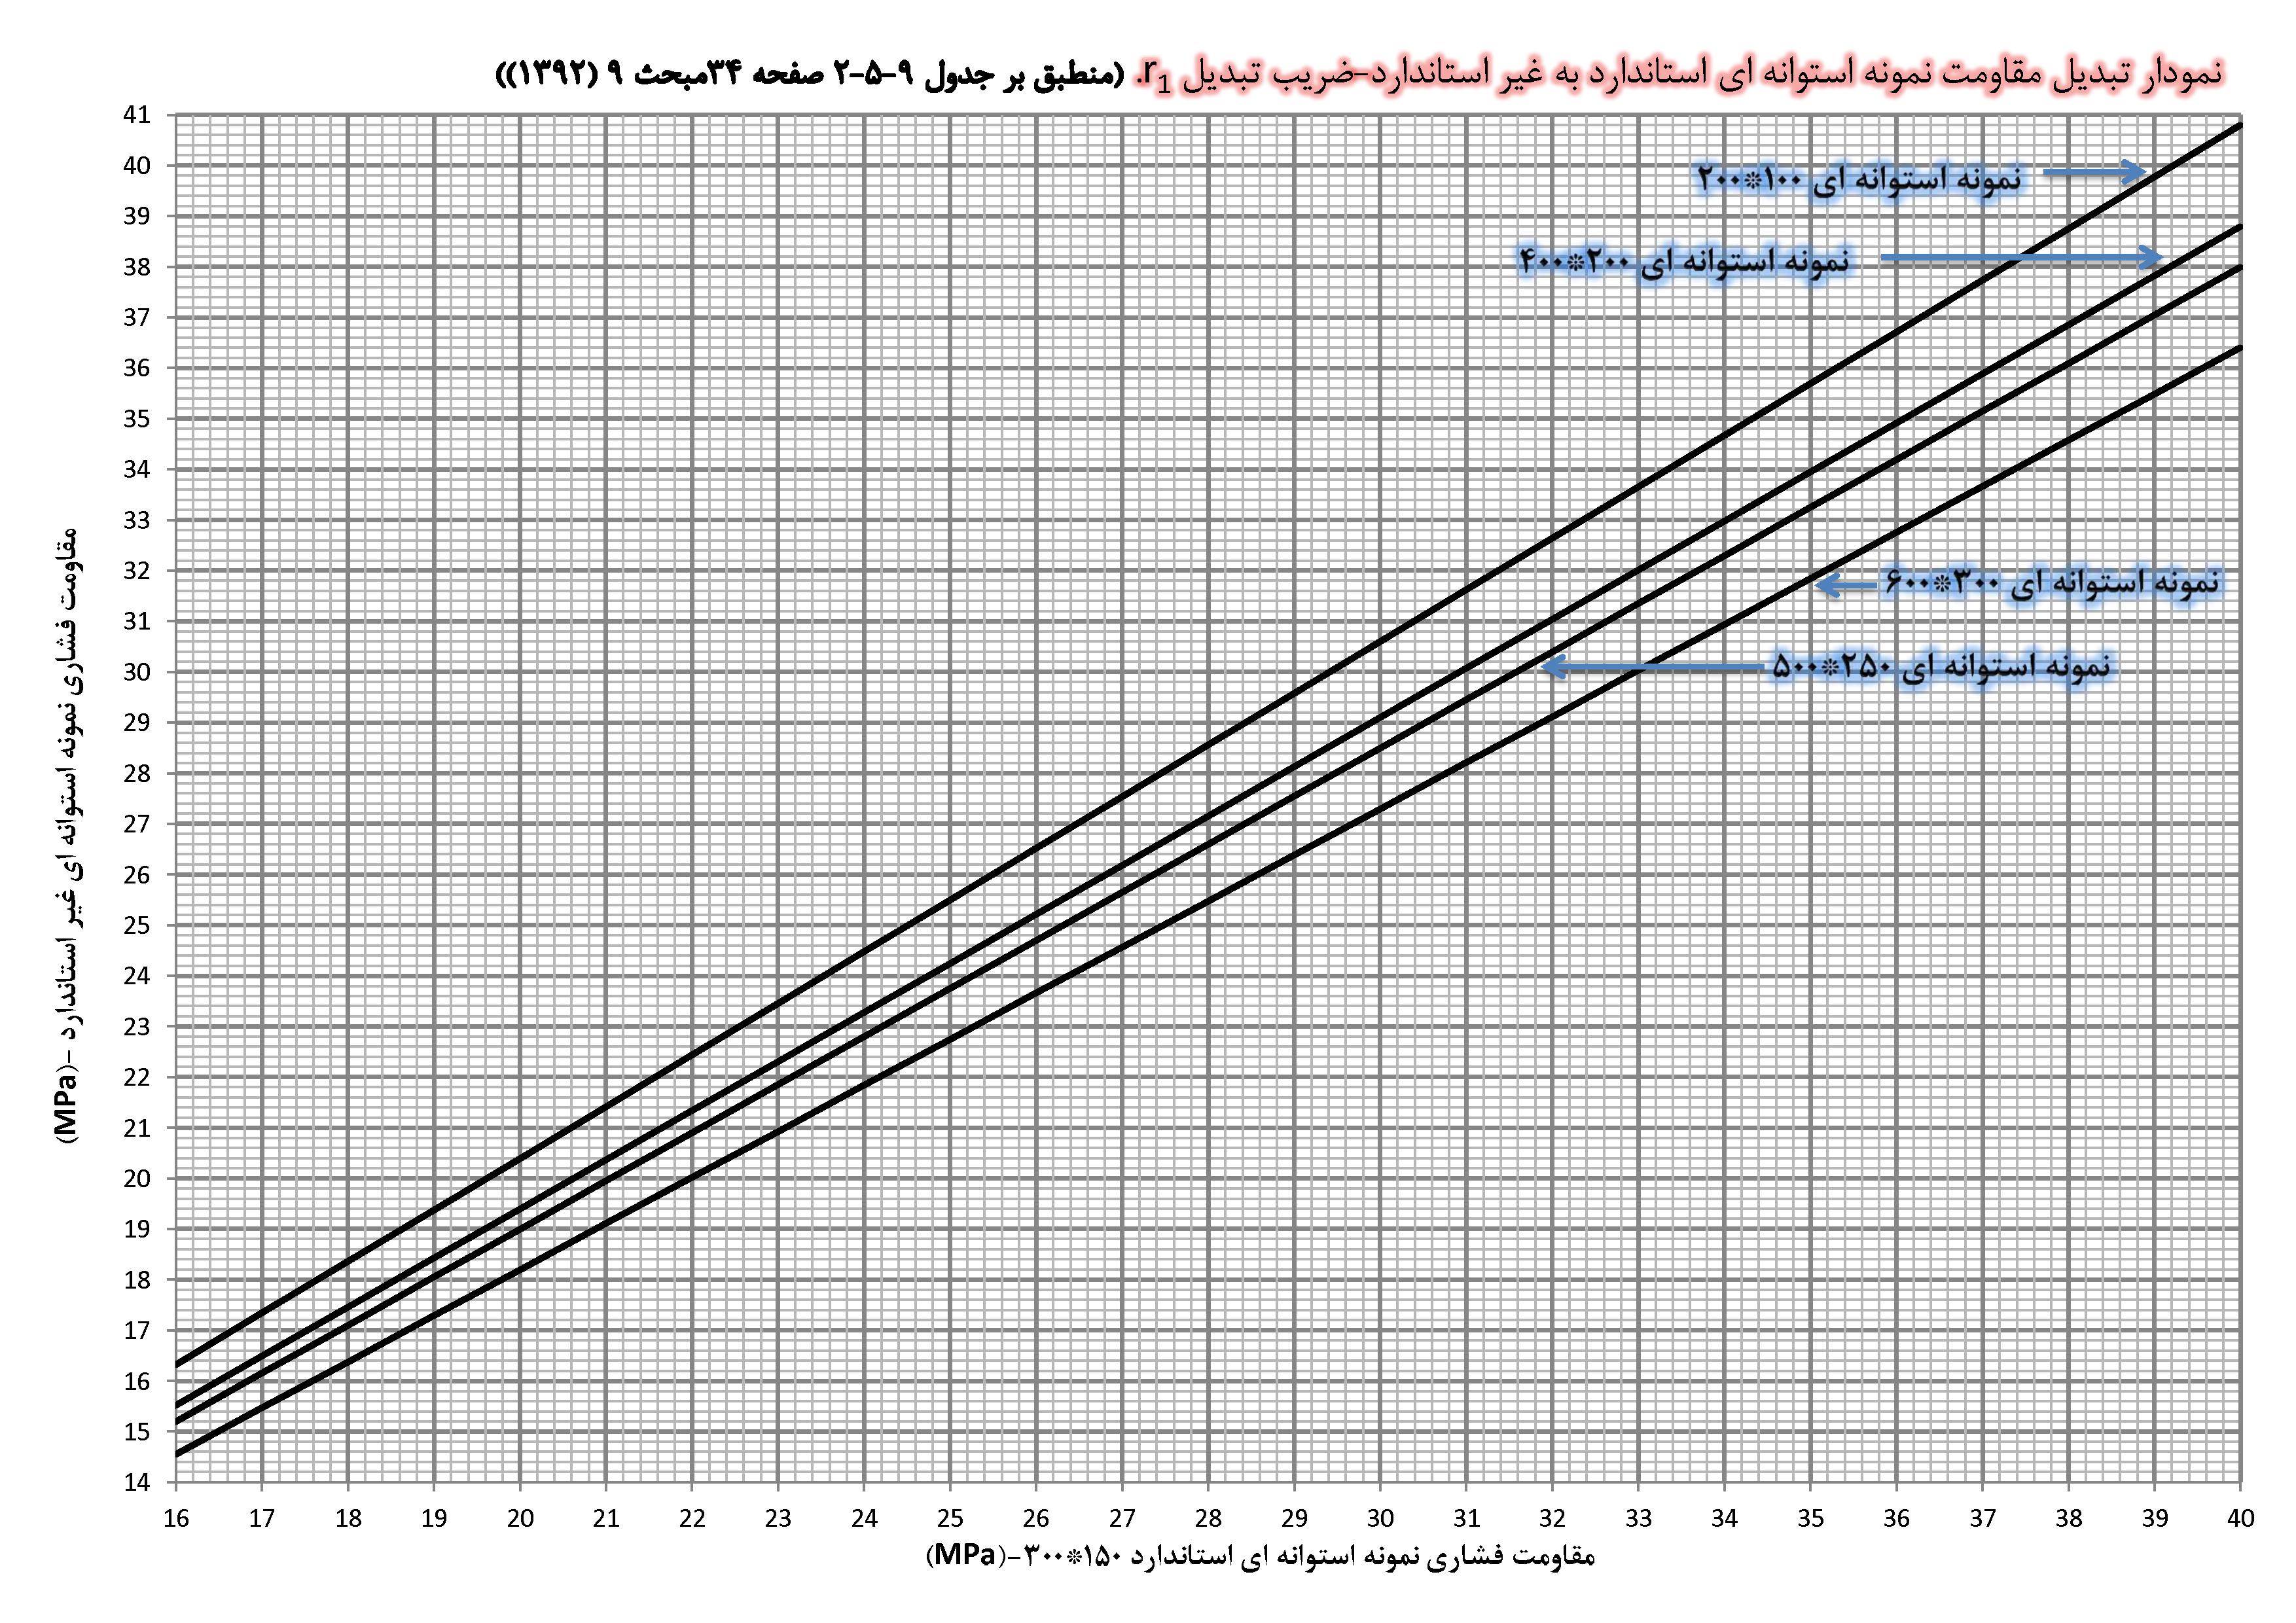 نمودار تبدیل مقاومت نمونه استوانه ای استاندارد به غیر استاندارد r1